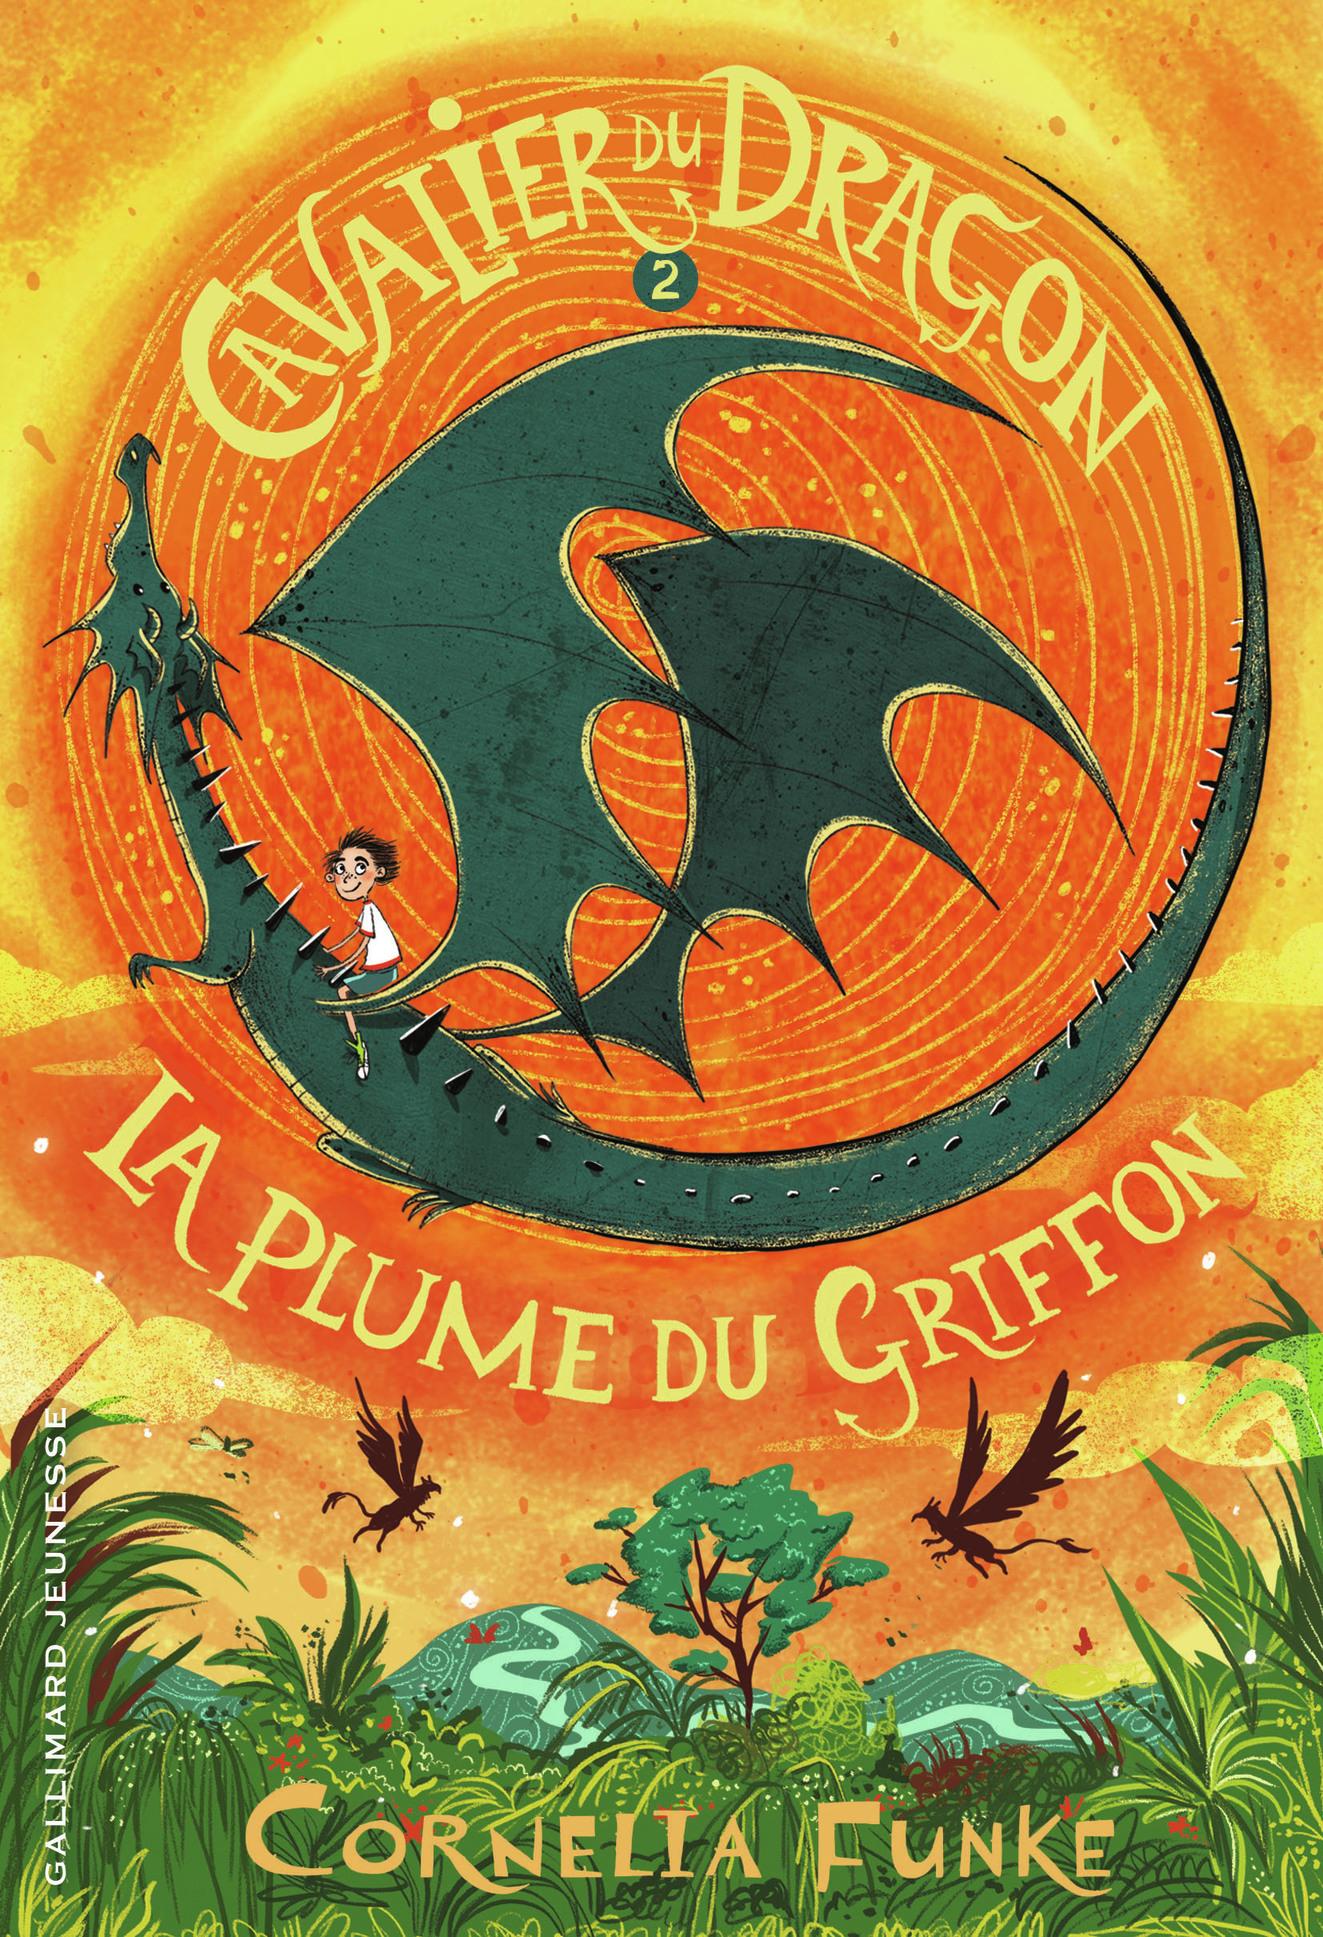 Cavalier du dragon (Tome 2) - La Plume du Griffon |